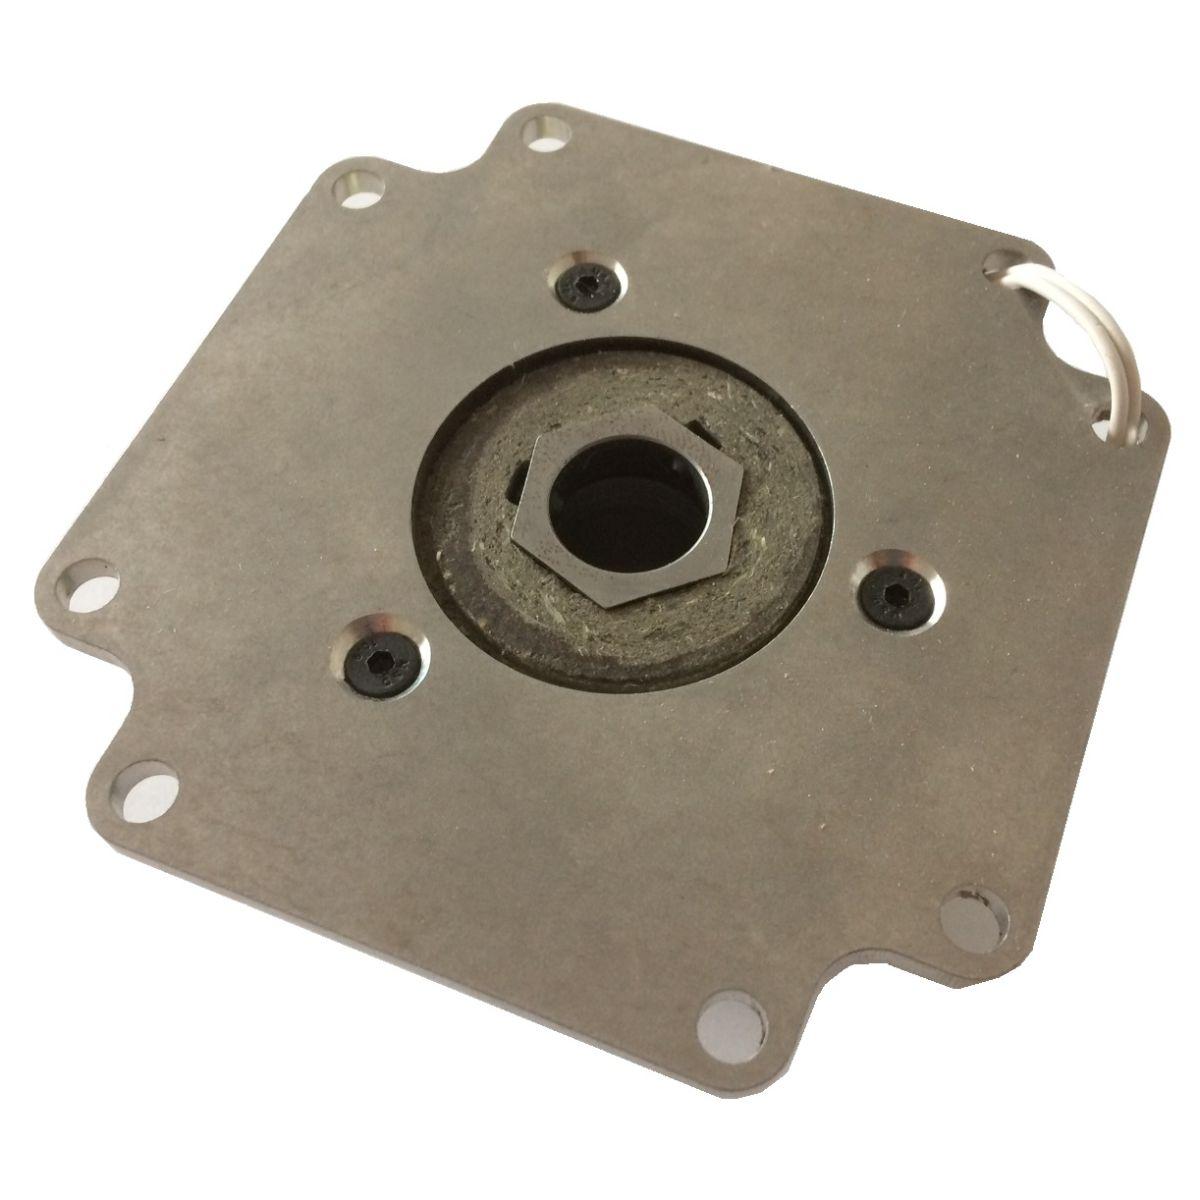 9001 brake for nema34 steppermotor shaft size 14mm